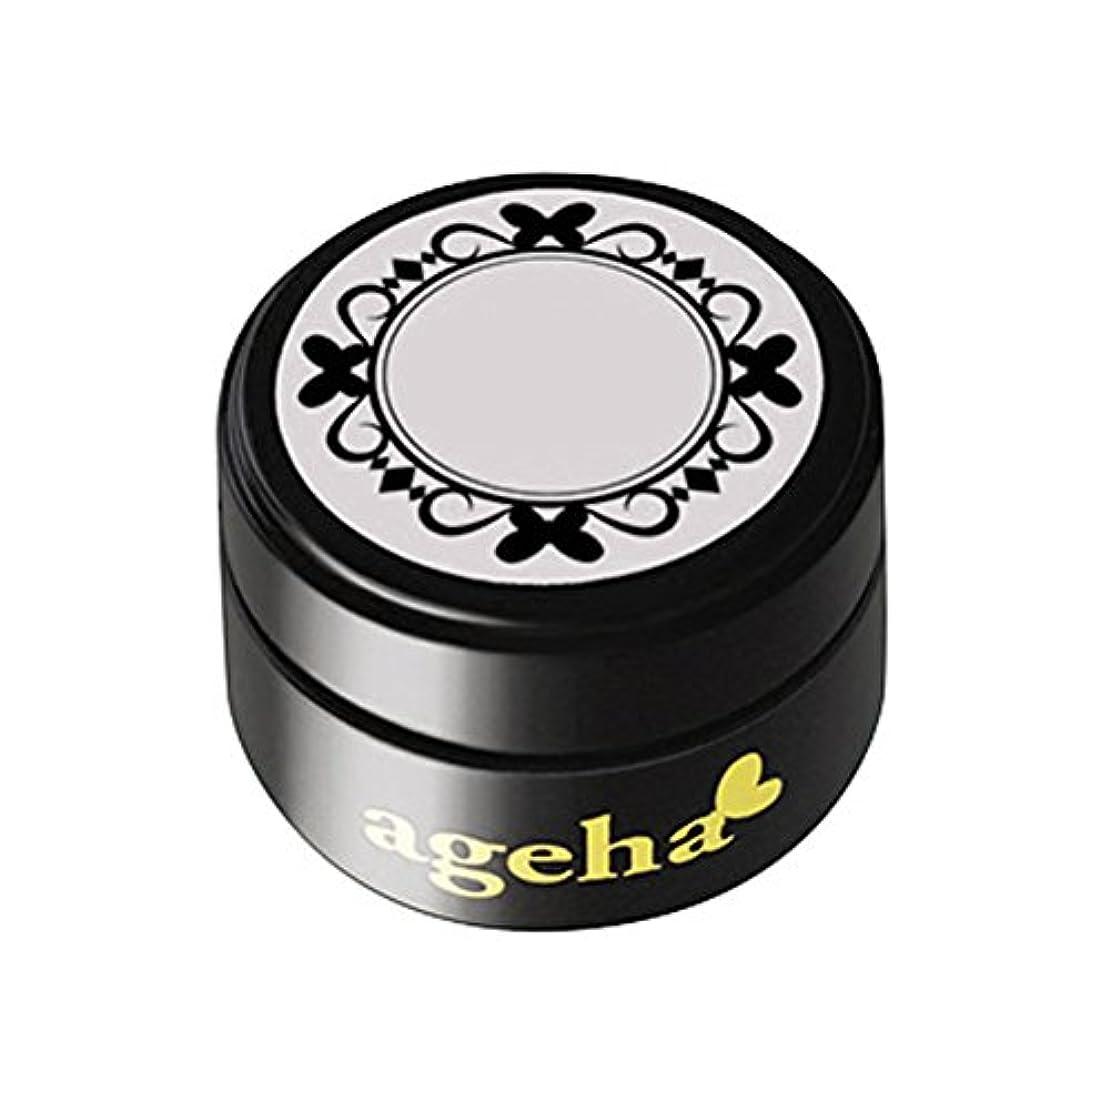 ボランティア構想する広々ageha gel カラージェル コスメカラー 205 ダークレッド 2.7g UV/LED対応